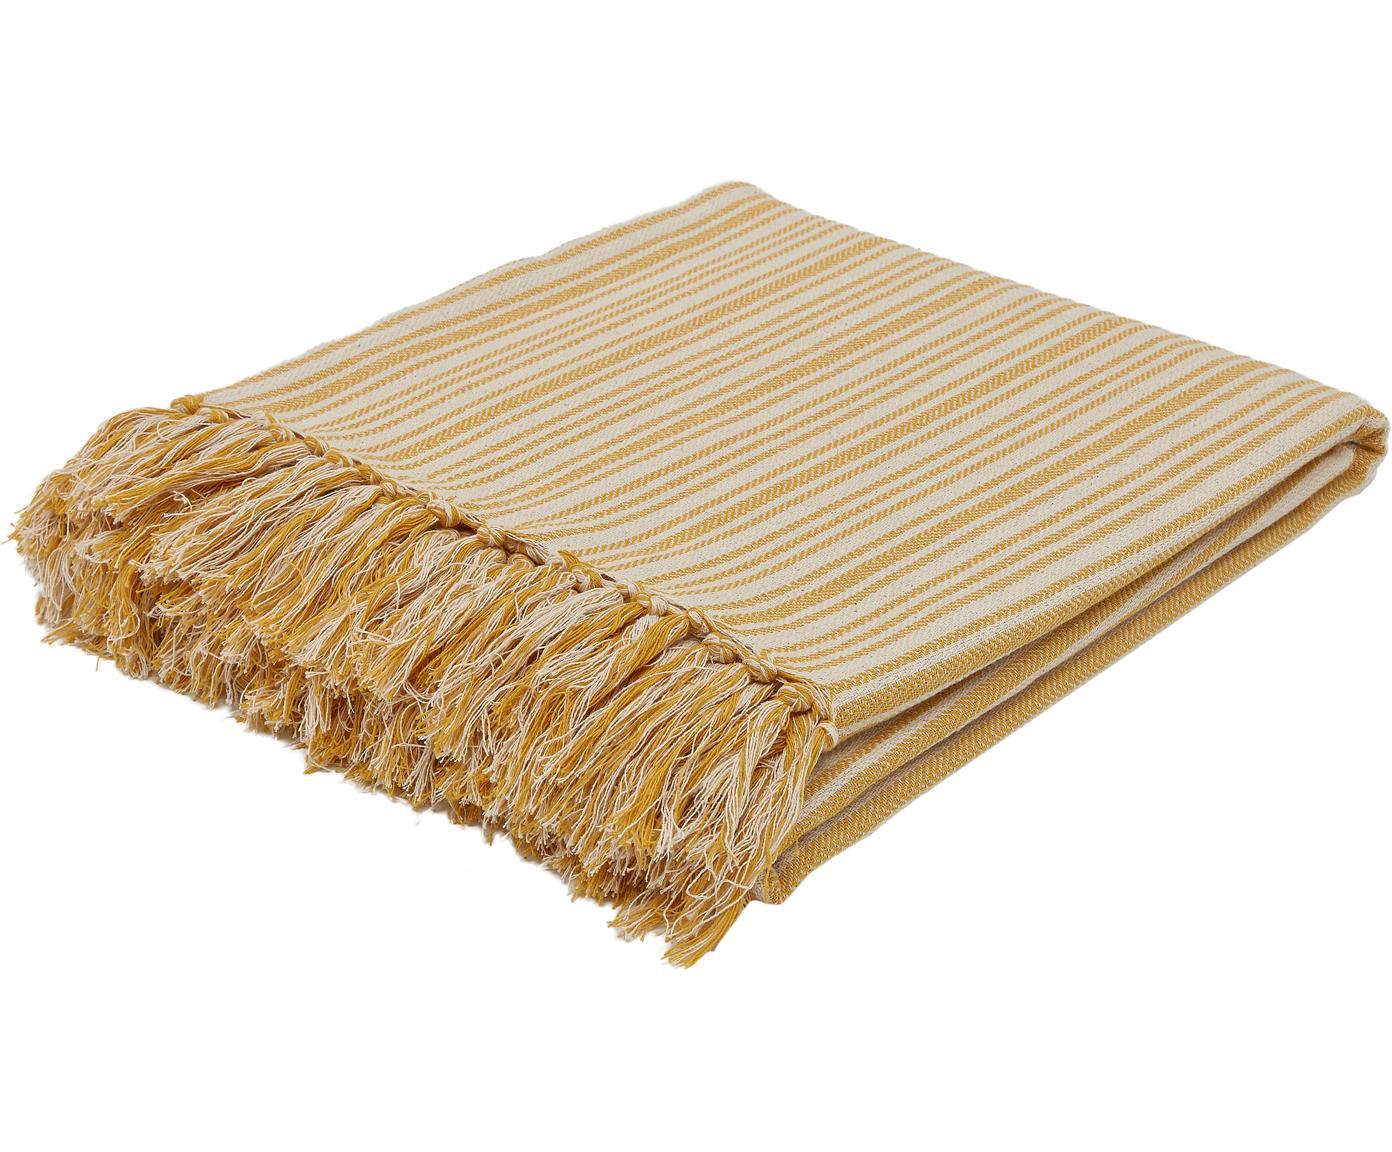 Gestreifte Tagesdecke Puket mit Fransen, 100% Baumwolle, Senfgelb, Gebrochenes Weiß, 240 x 260 cm